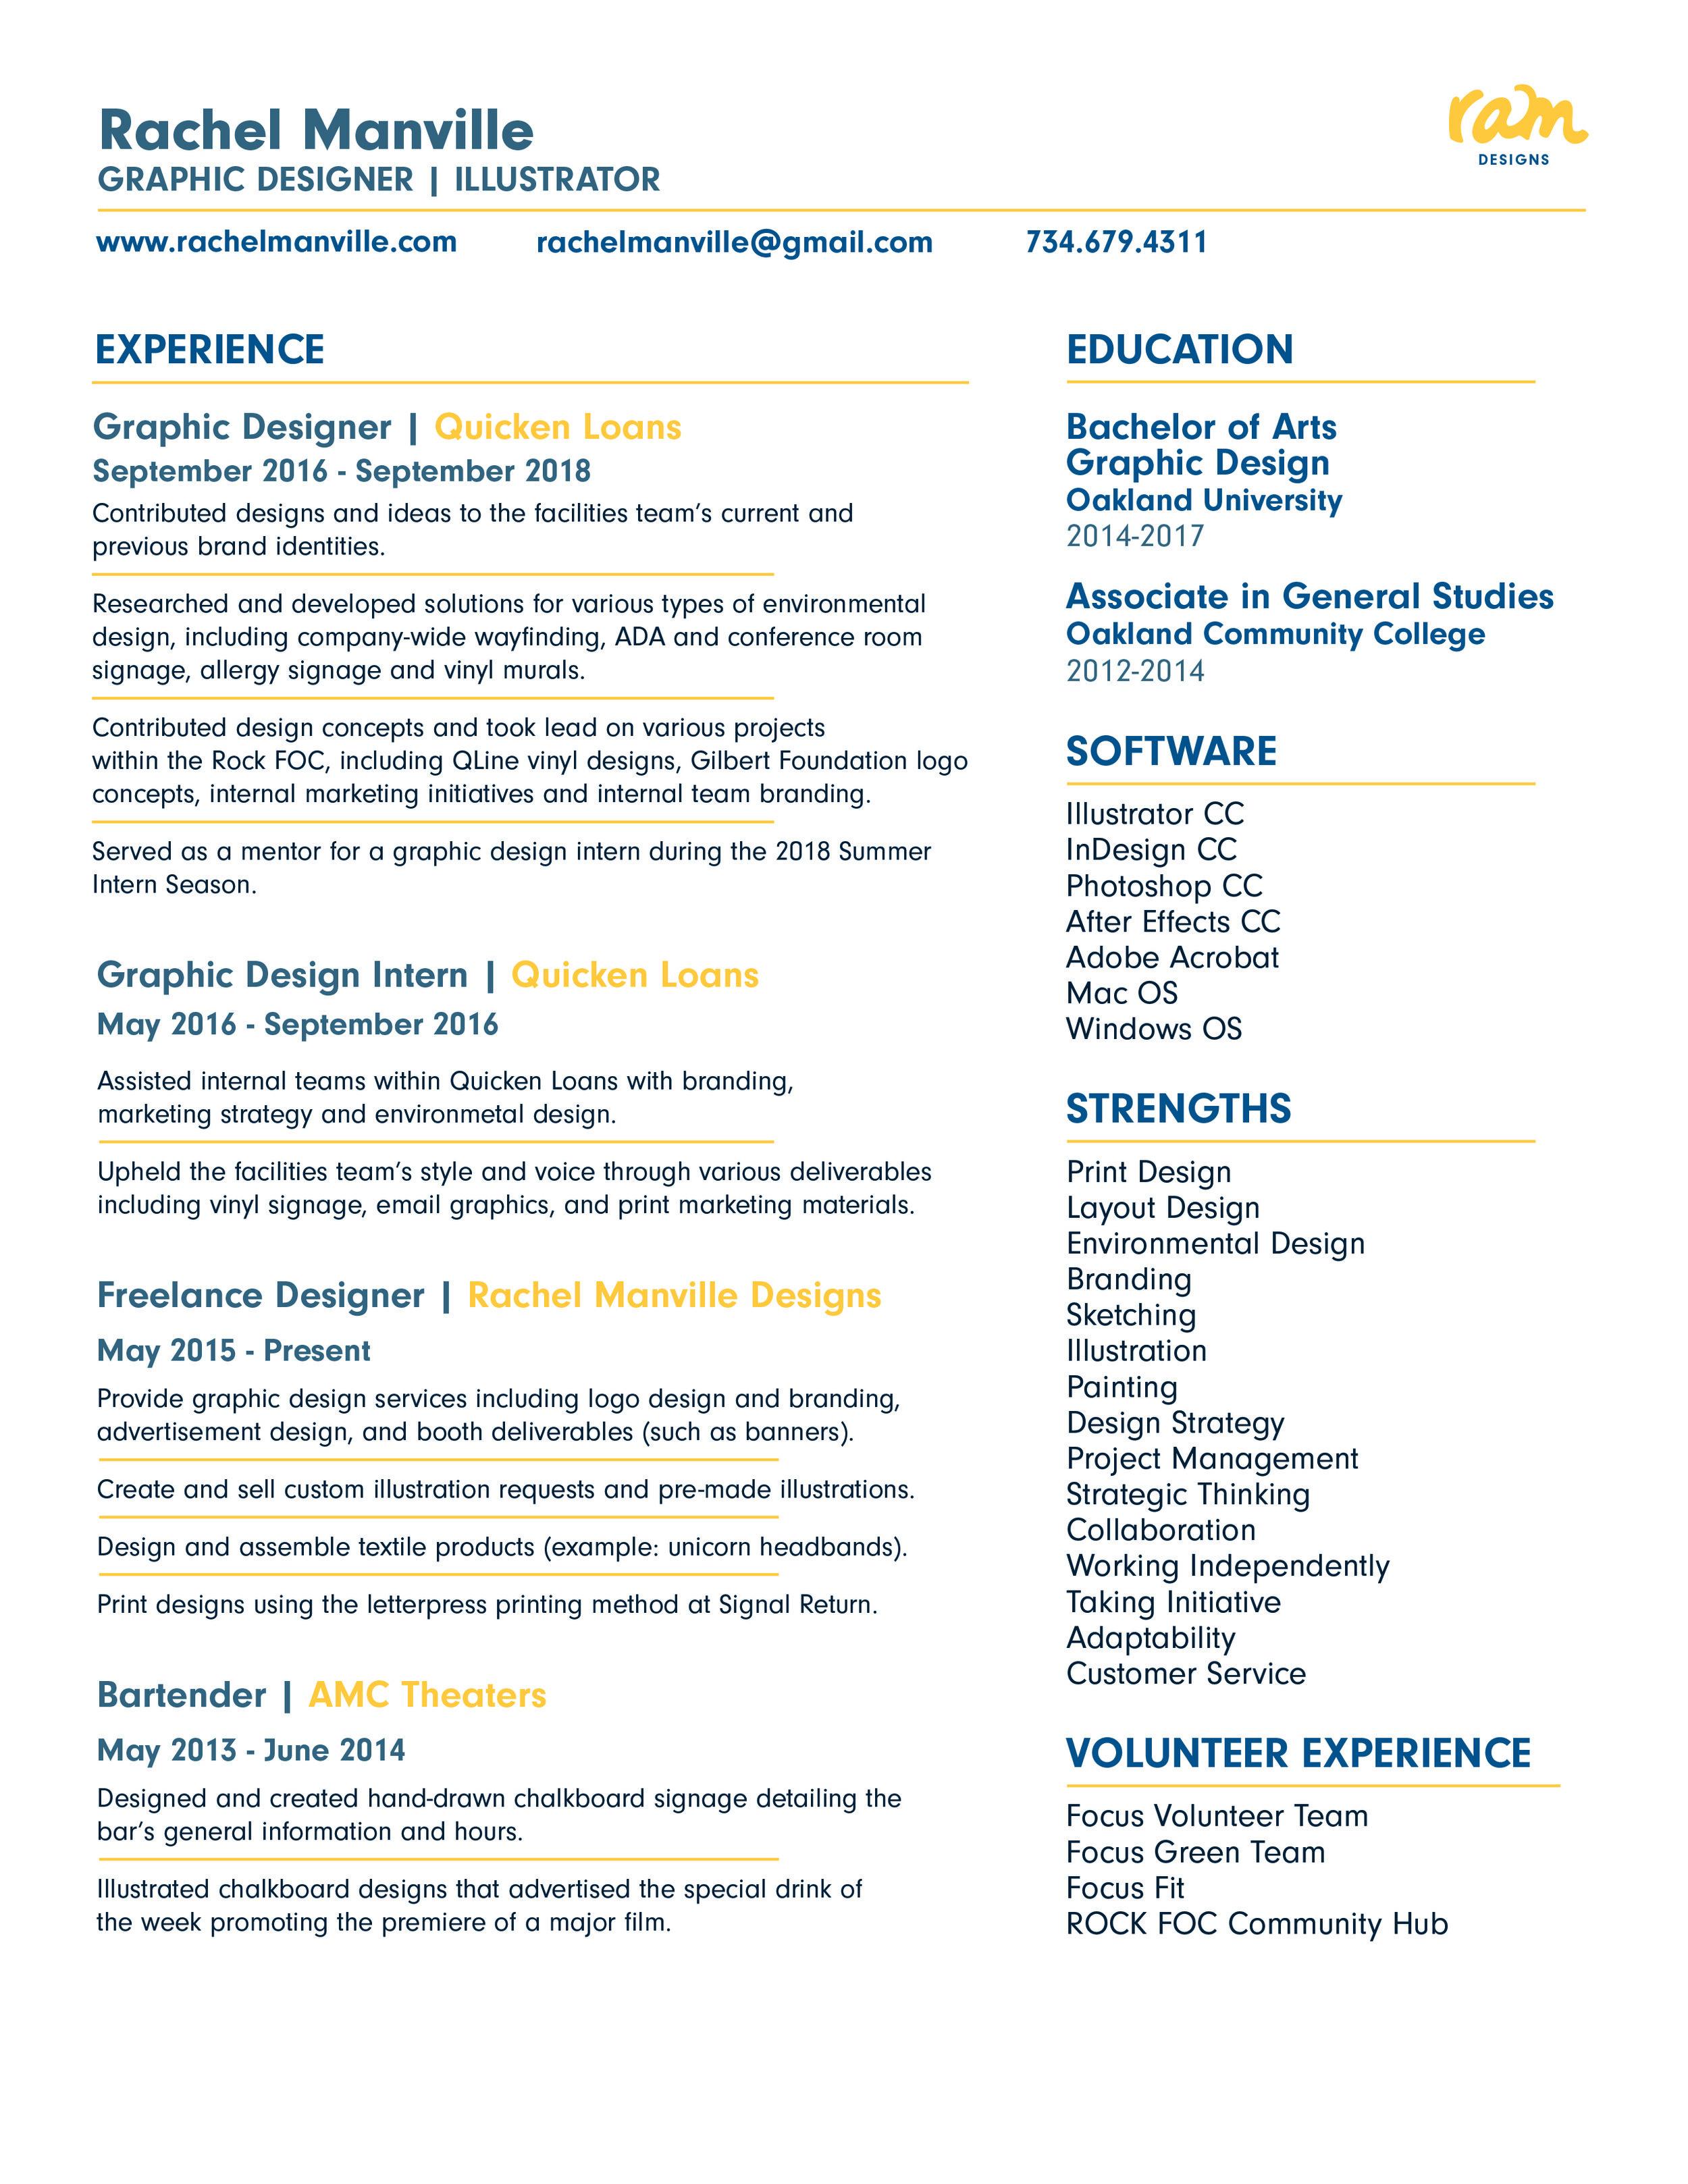 rachel_manville_resume.png